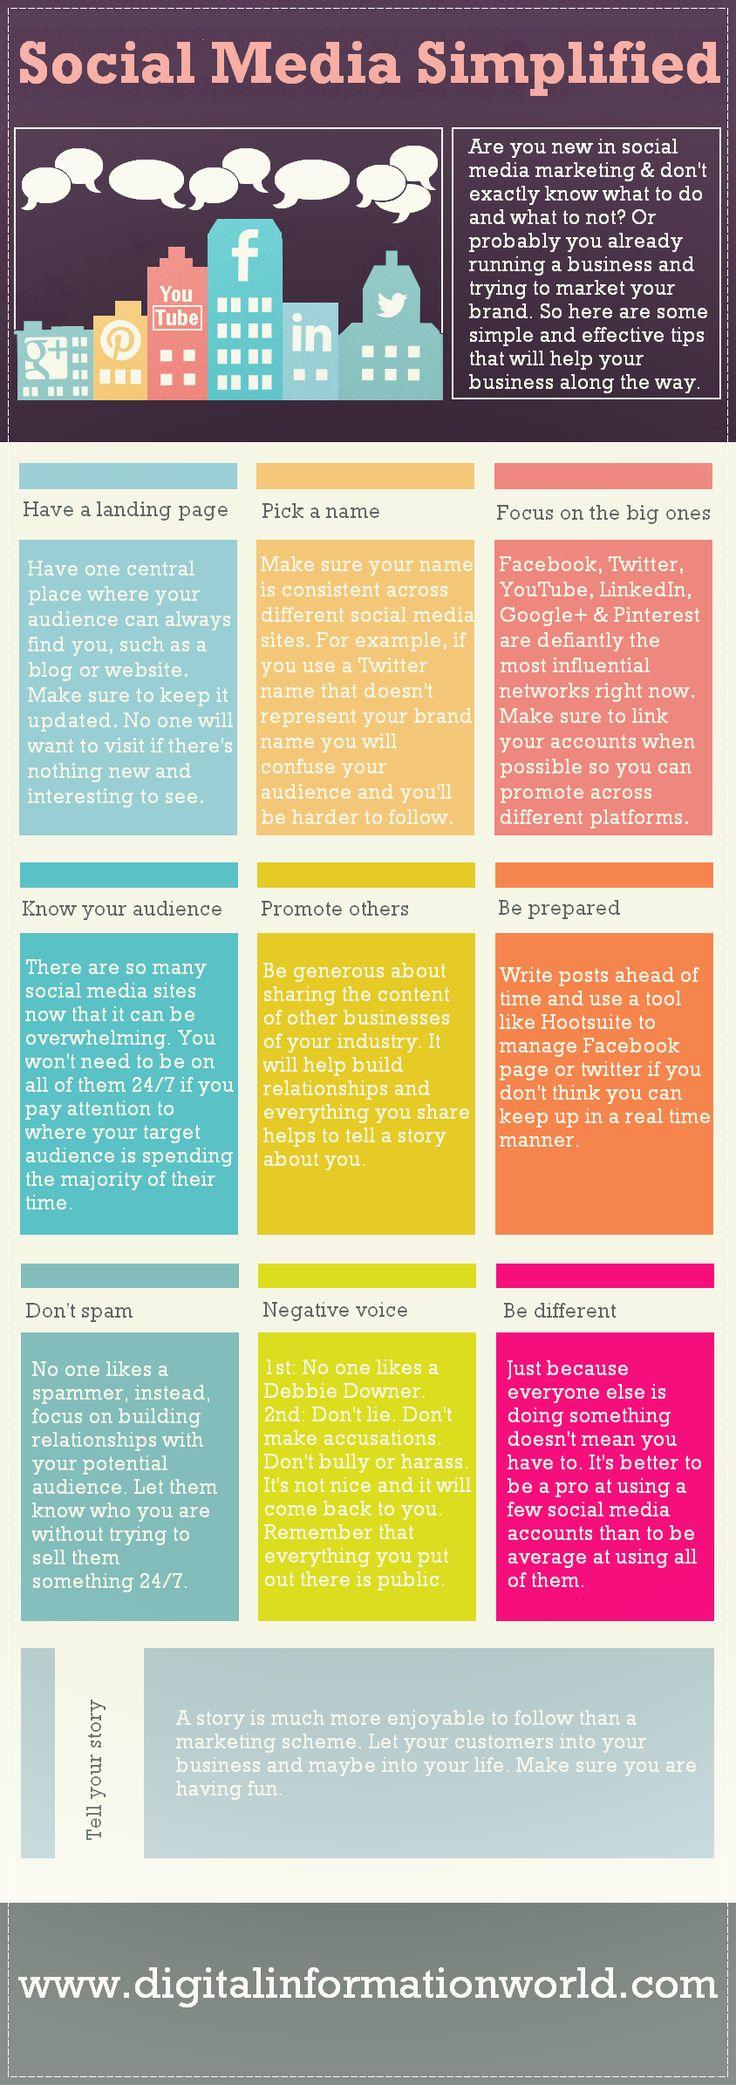 SOCIAL MEDIA -         Social Media Marketing Simplified  #SocialMedia #SMM #SocialMediaMarketing.